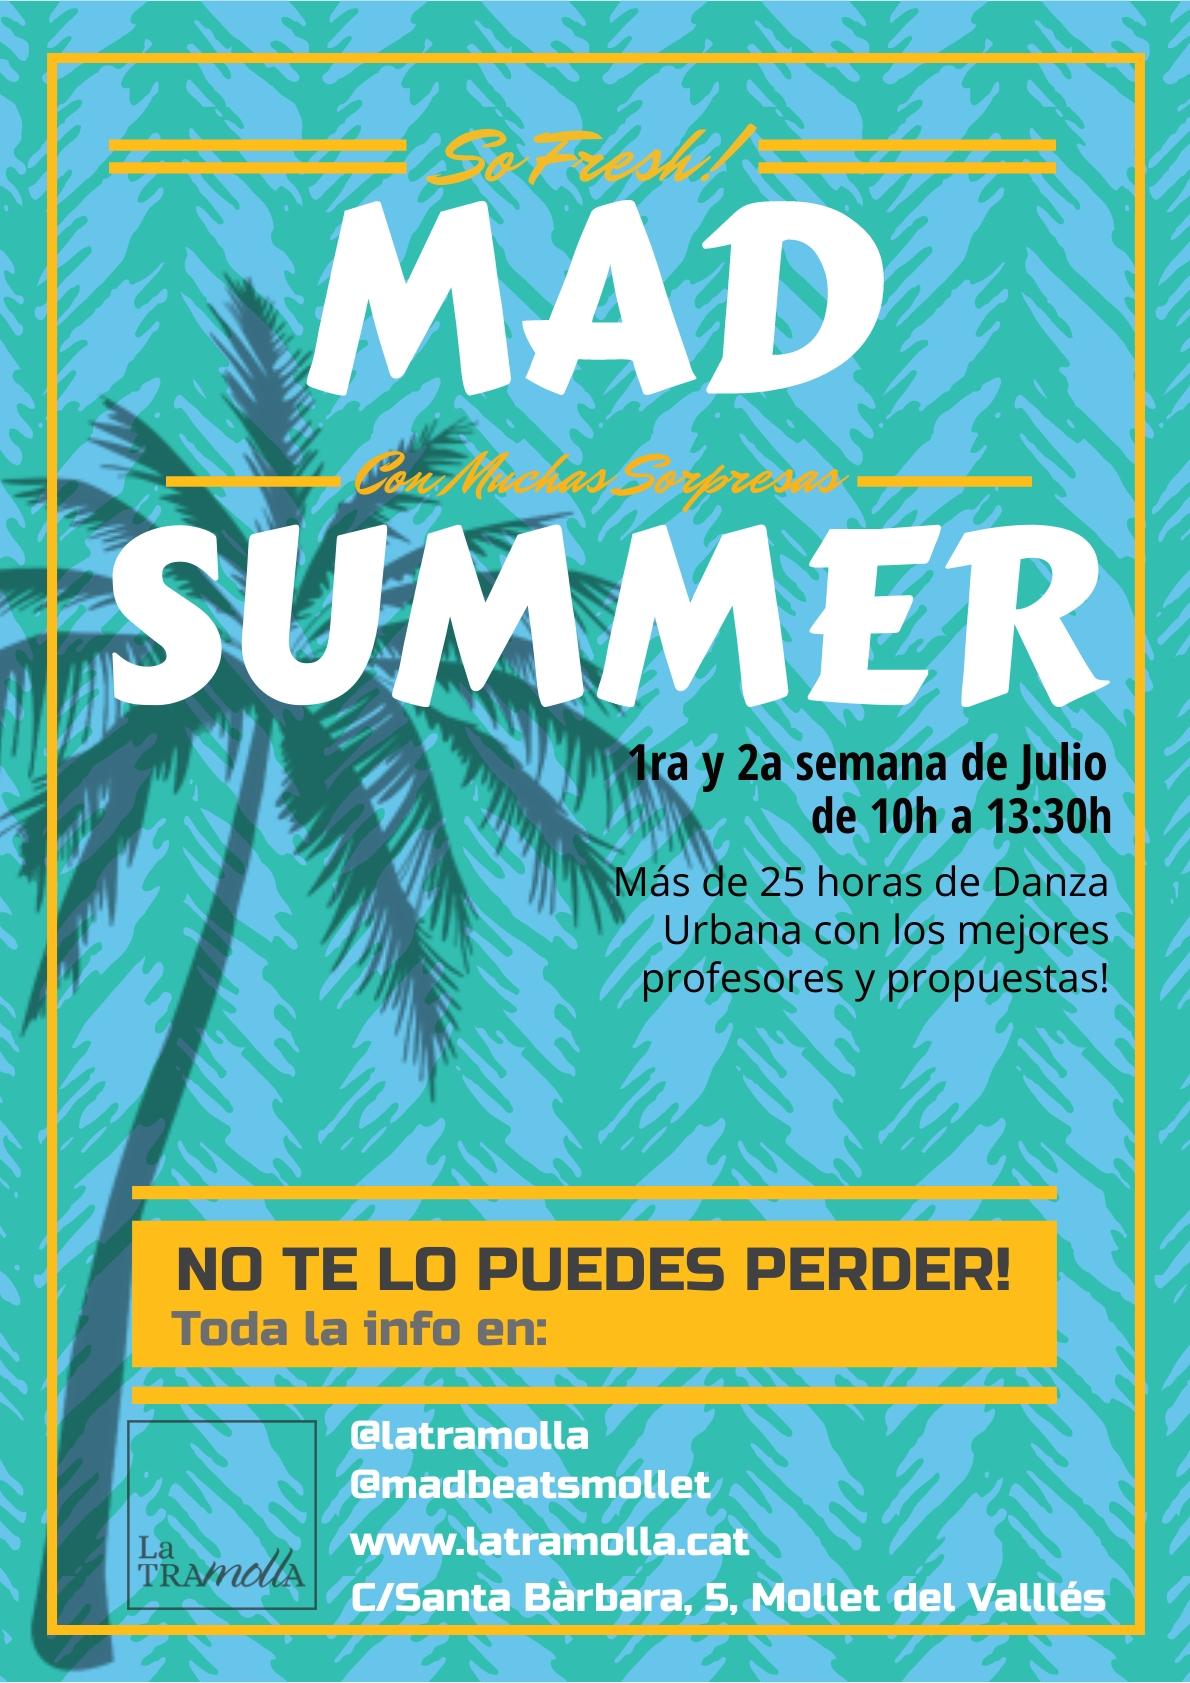 MAD SUMMER 2019